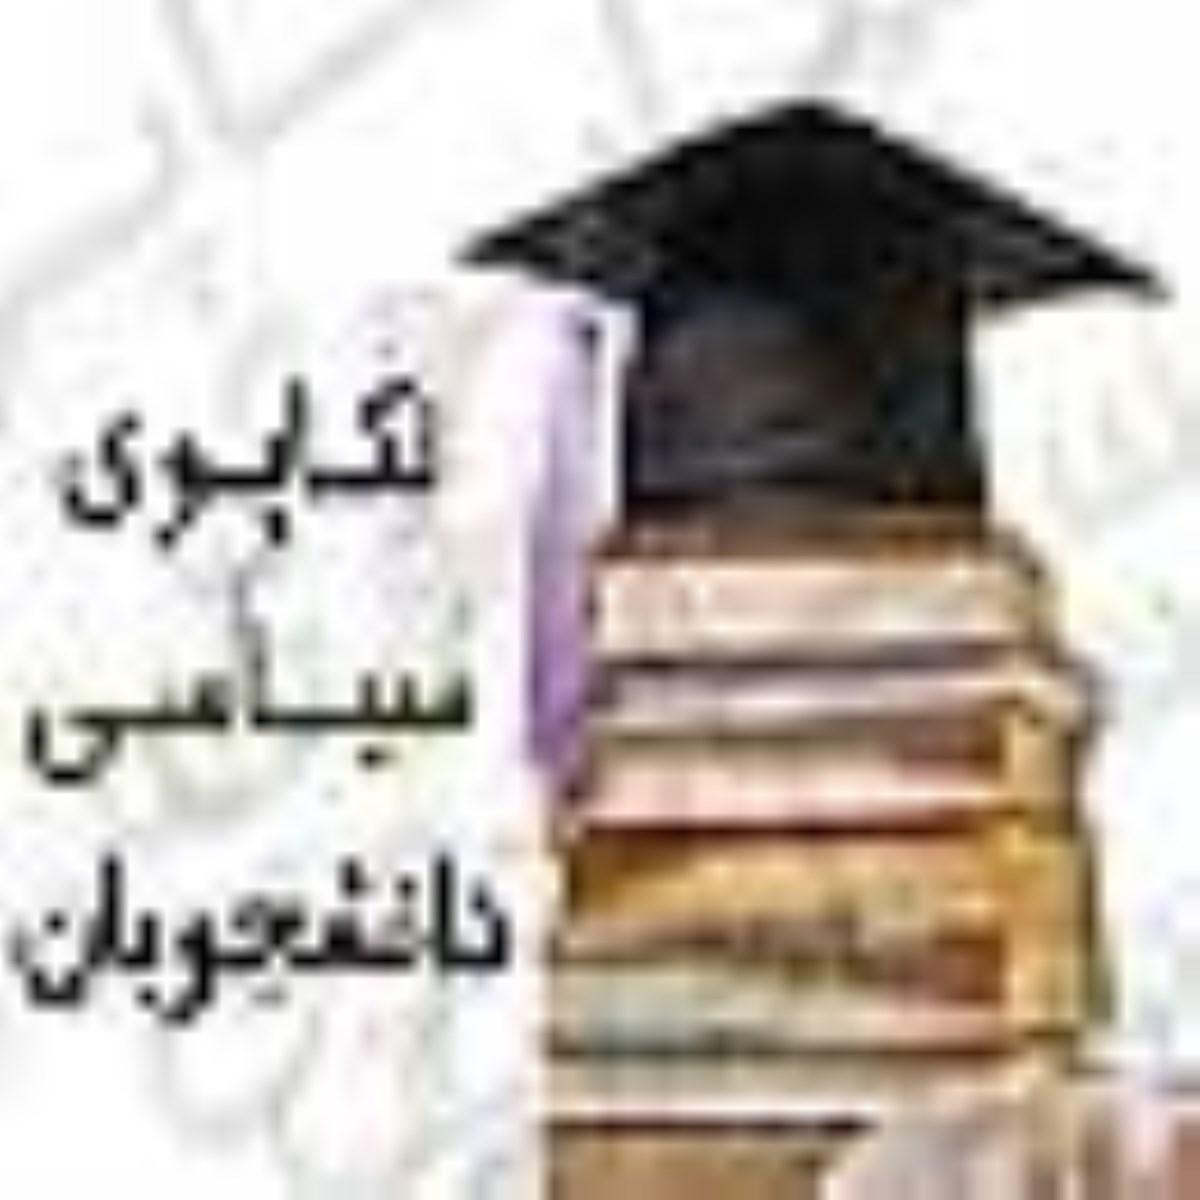 راه و بيراه در تكاپوي سياسي دانشجويان